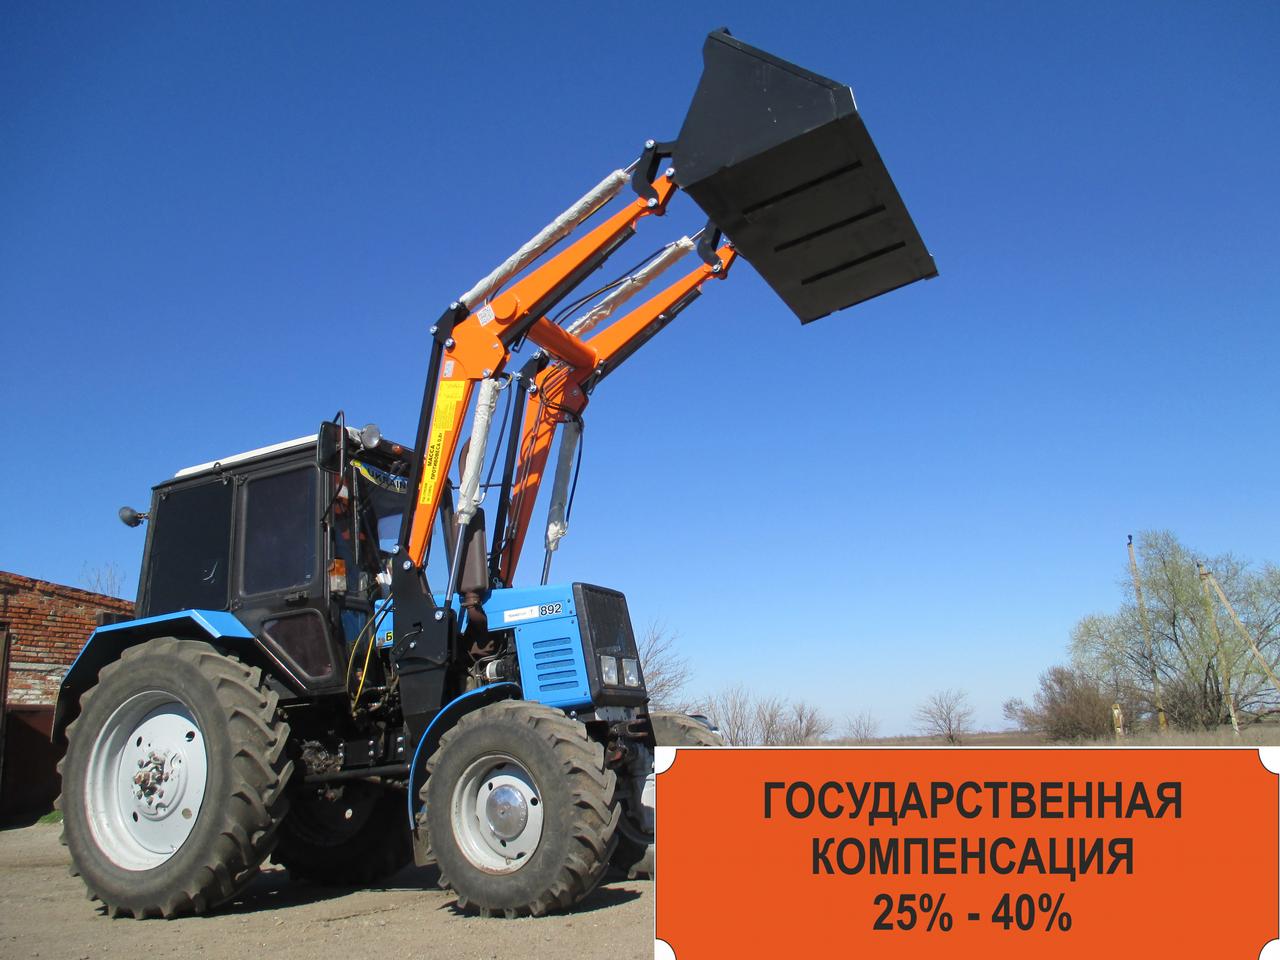 Погрузчик Фронтальный Быстросъёмный НТ-1500 КУН на МТЗ С НДС